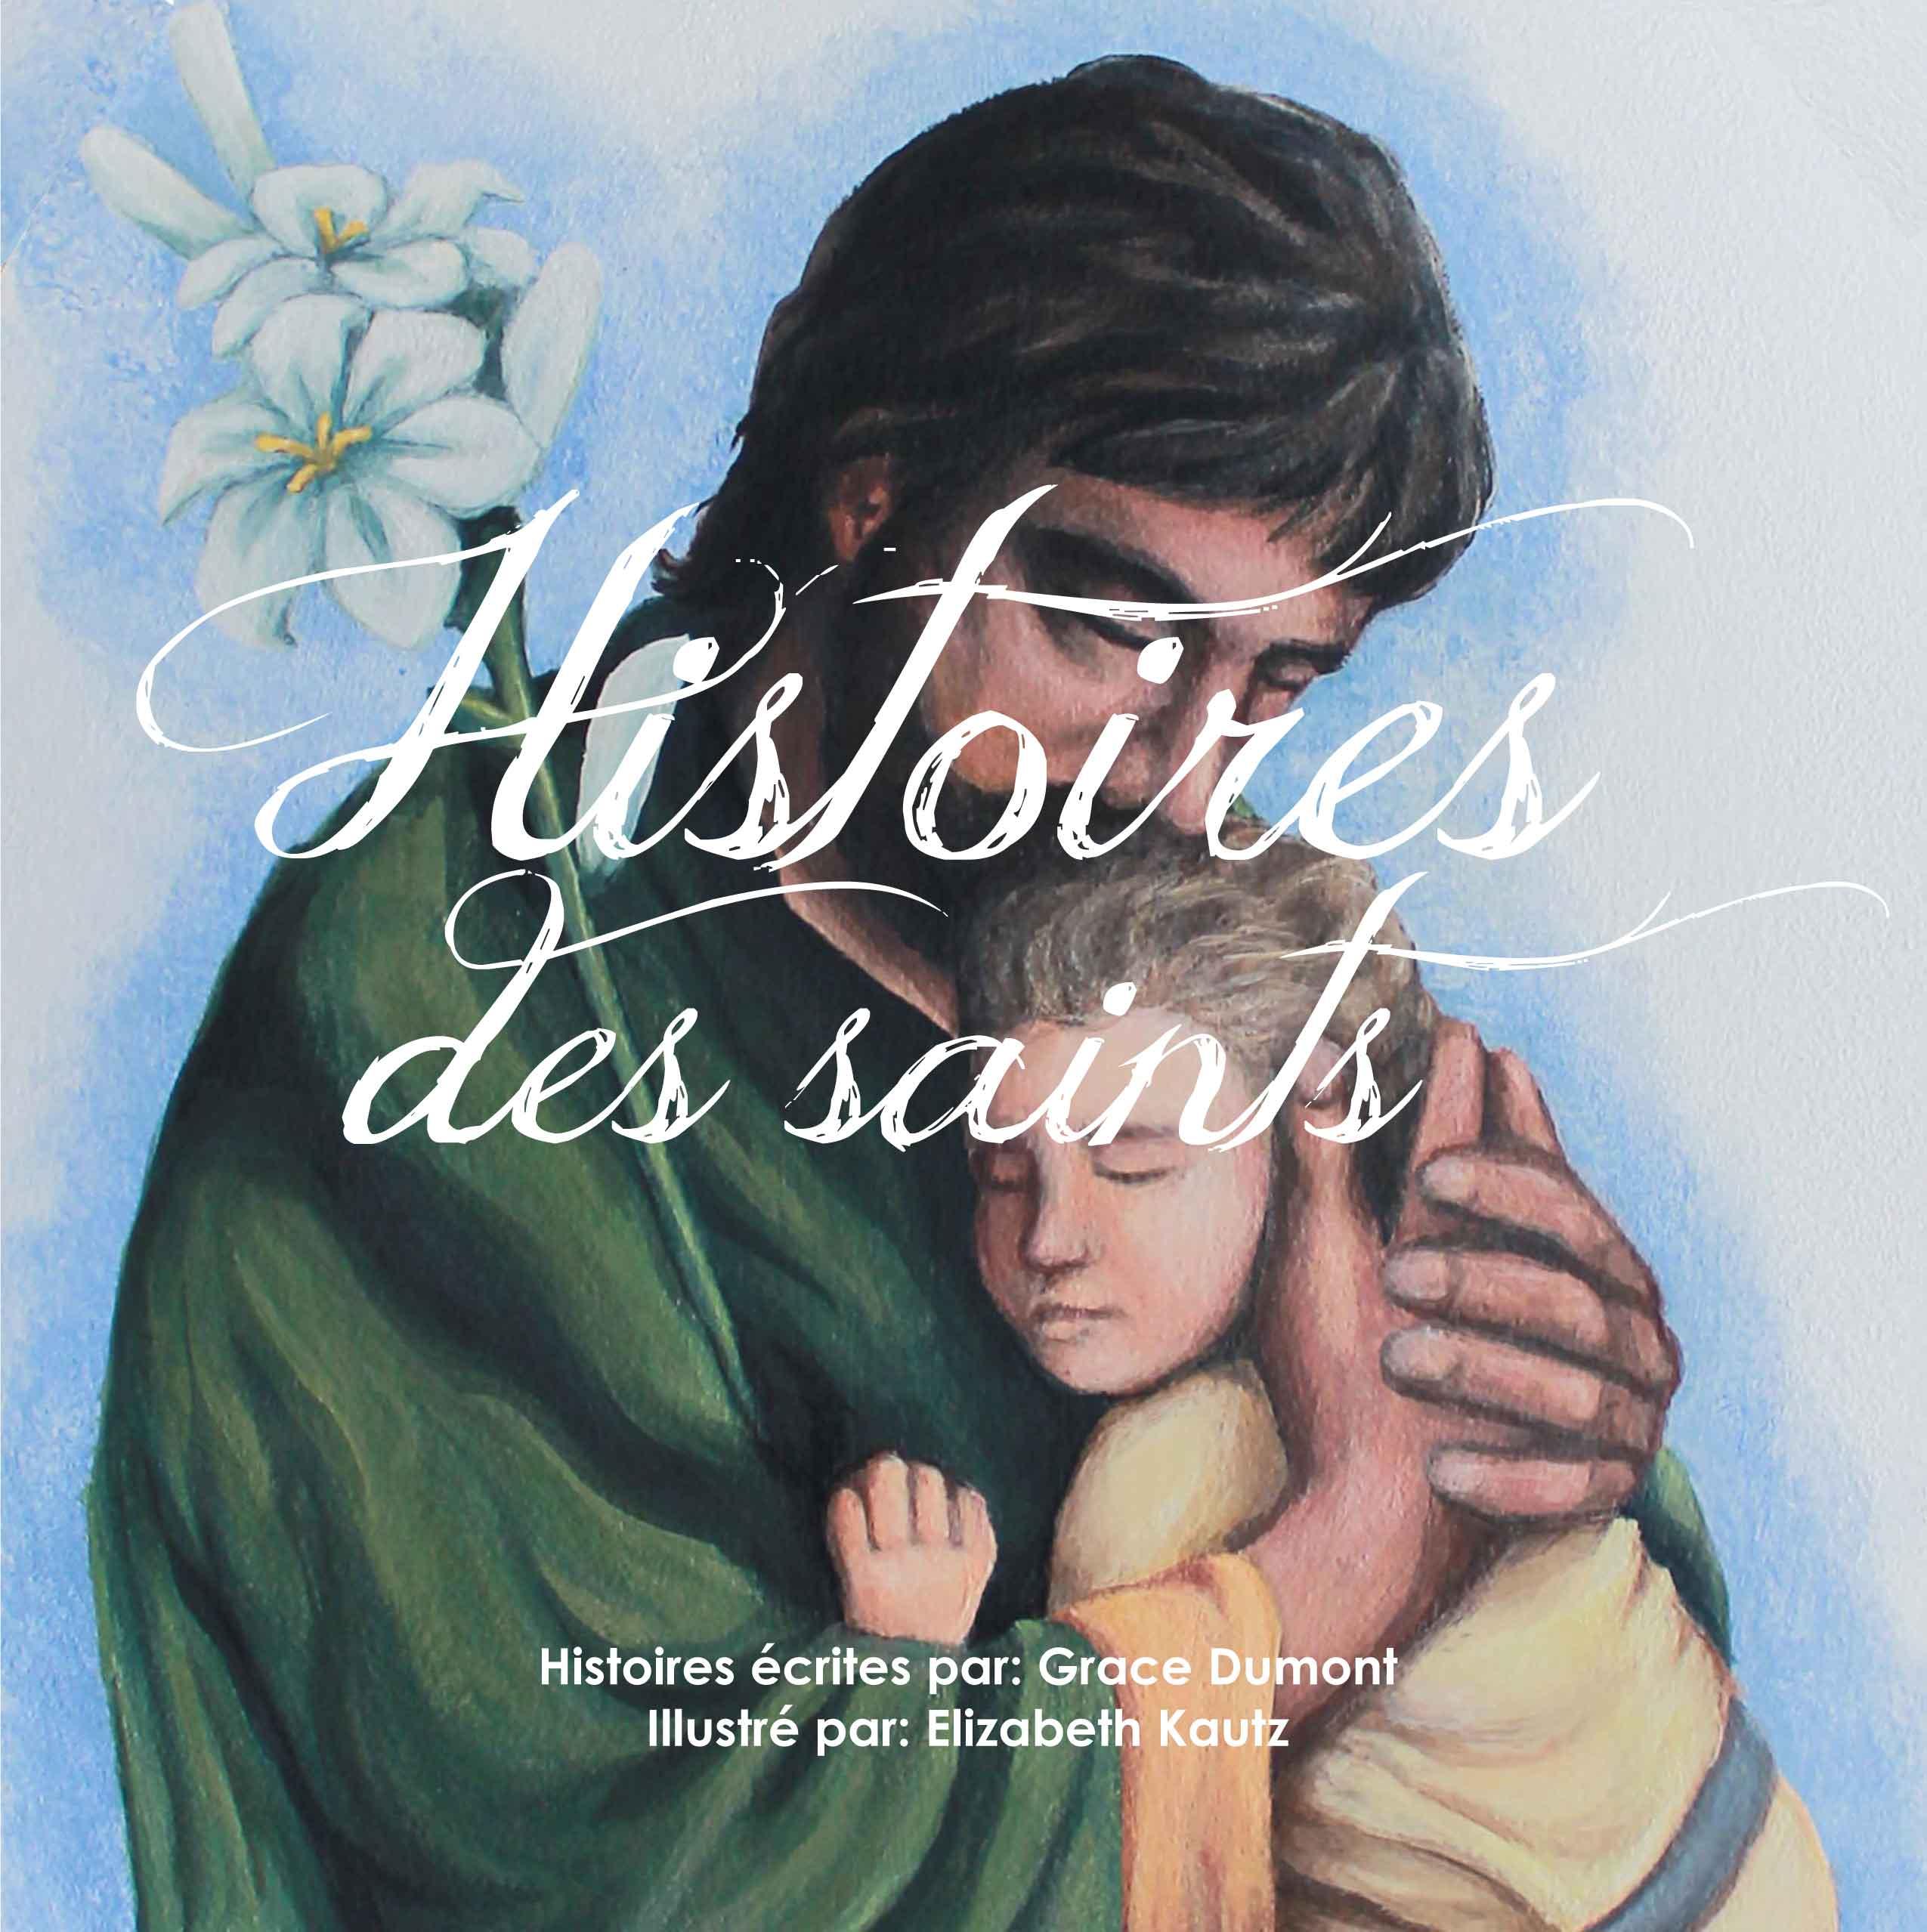 Histoires des saints